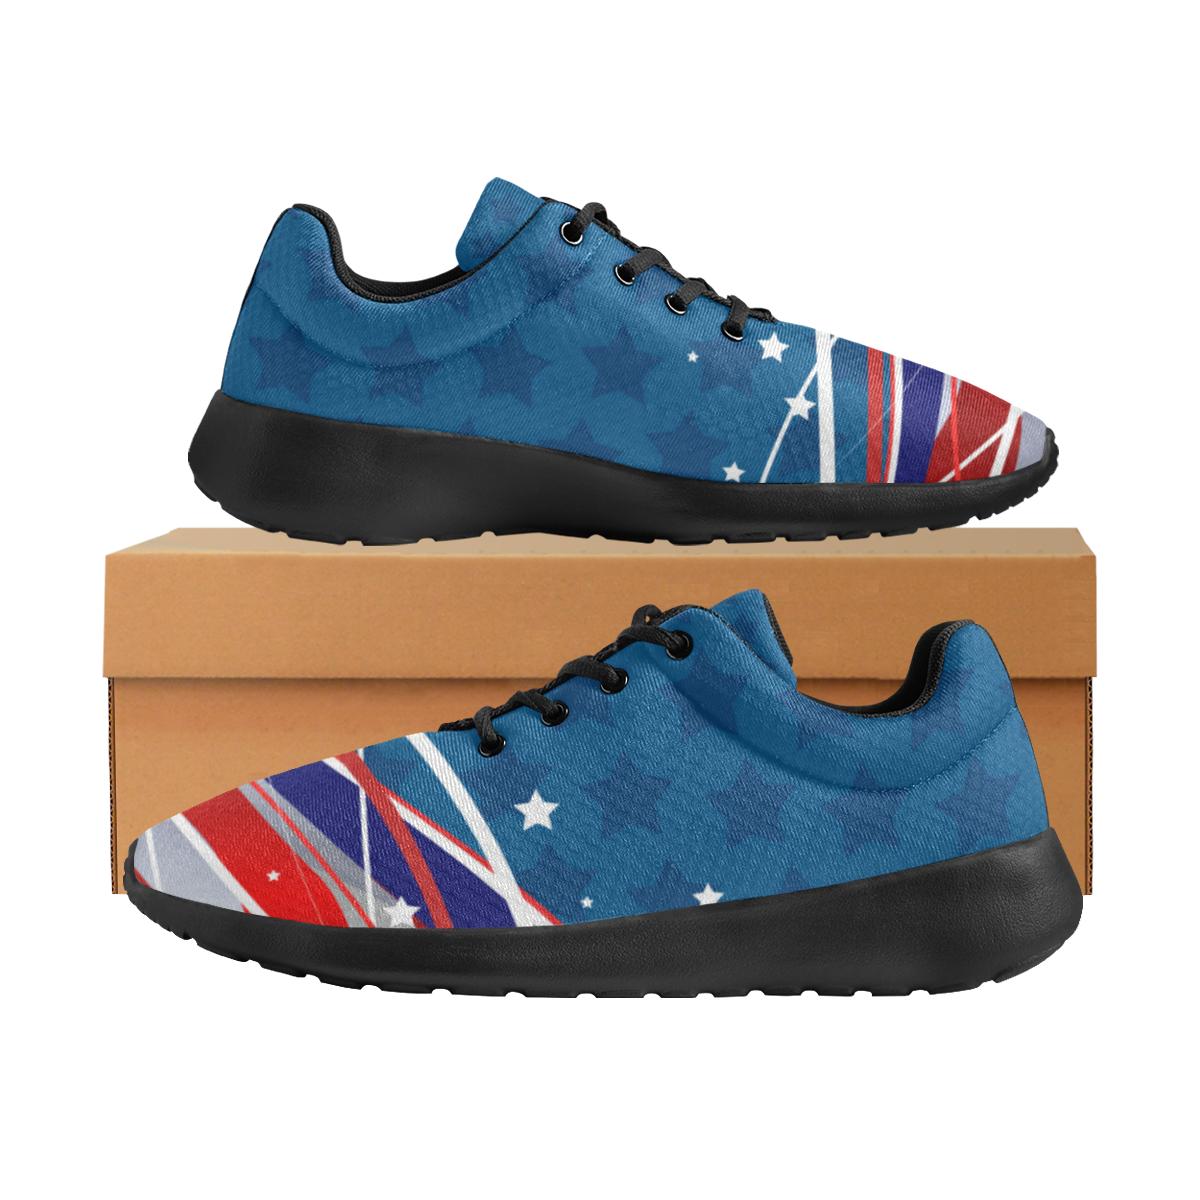 Men's Athletic Shoes (Model 0200)